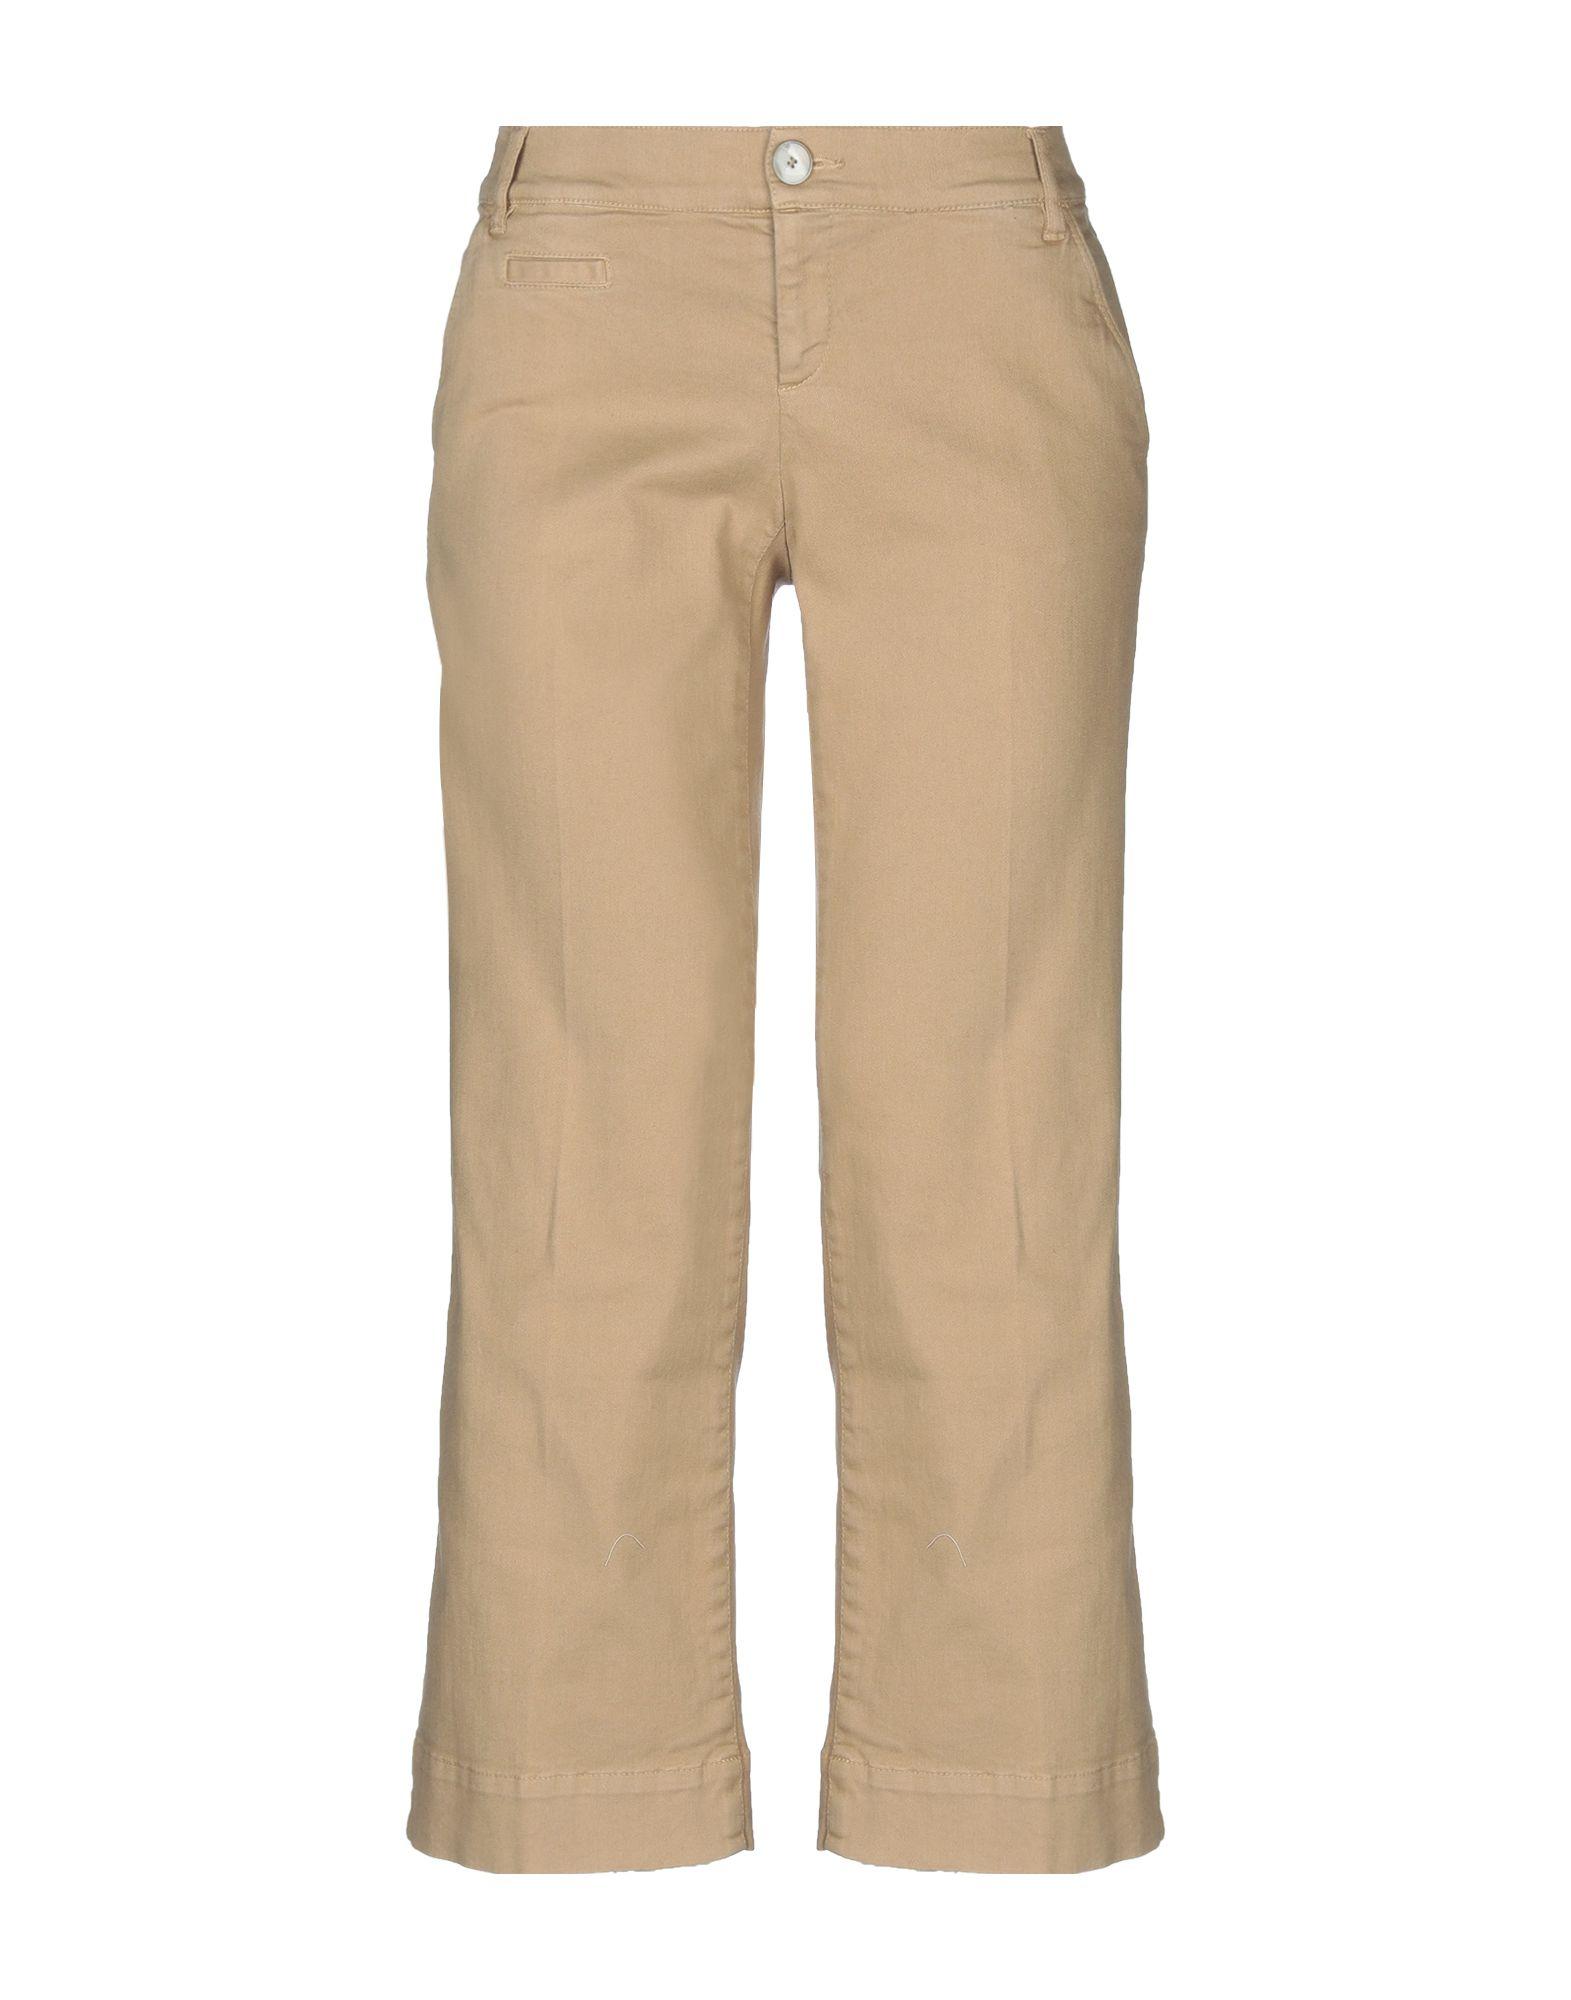 HAMPTON BAYS Джинсовые брюки